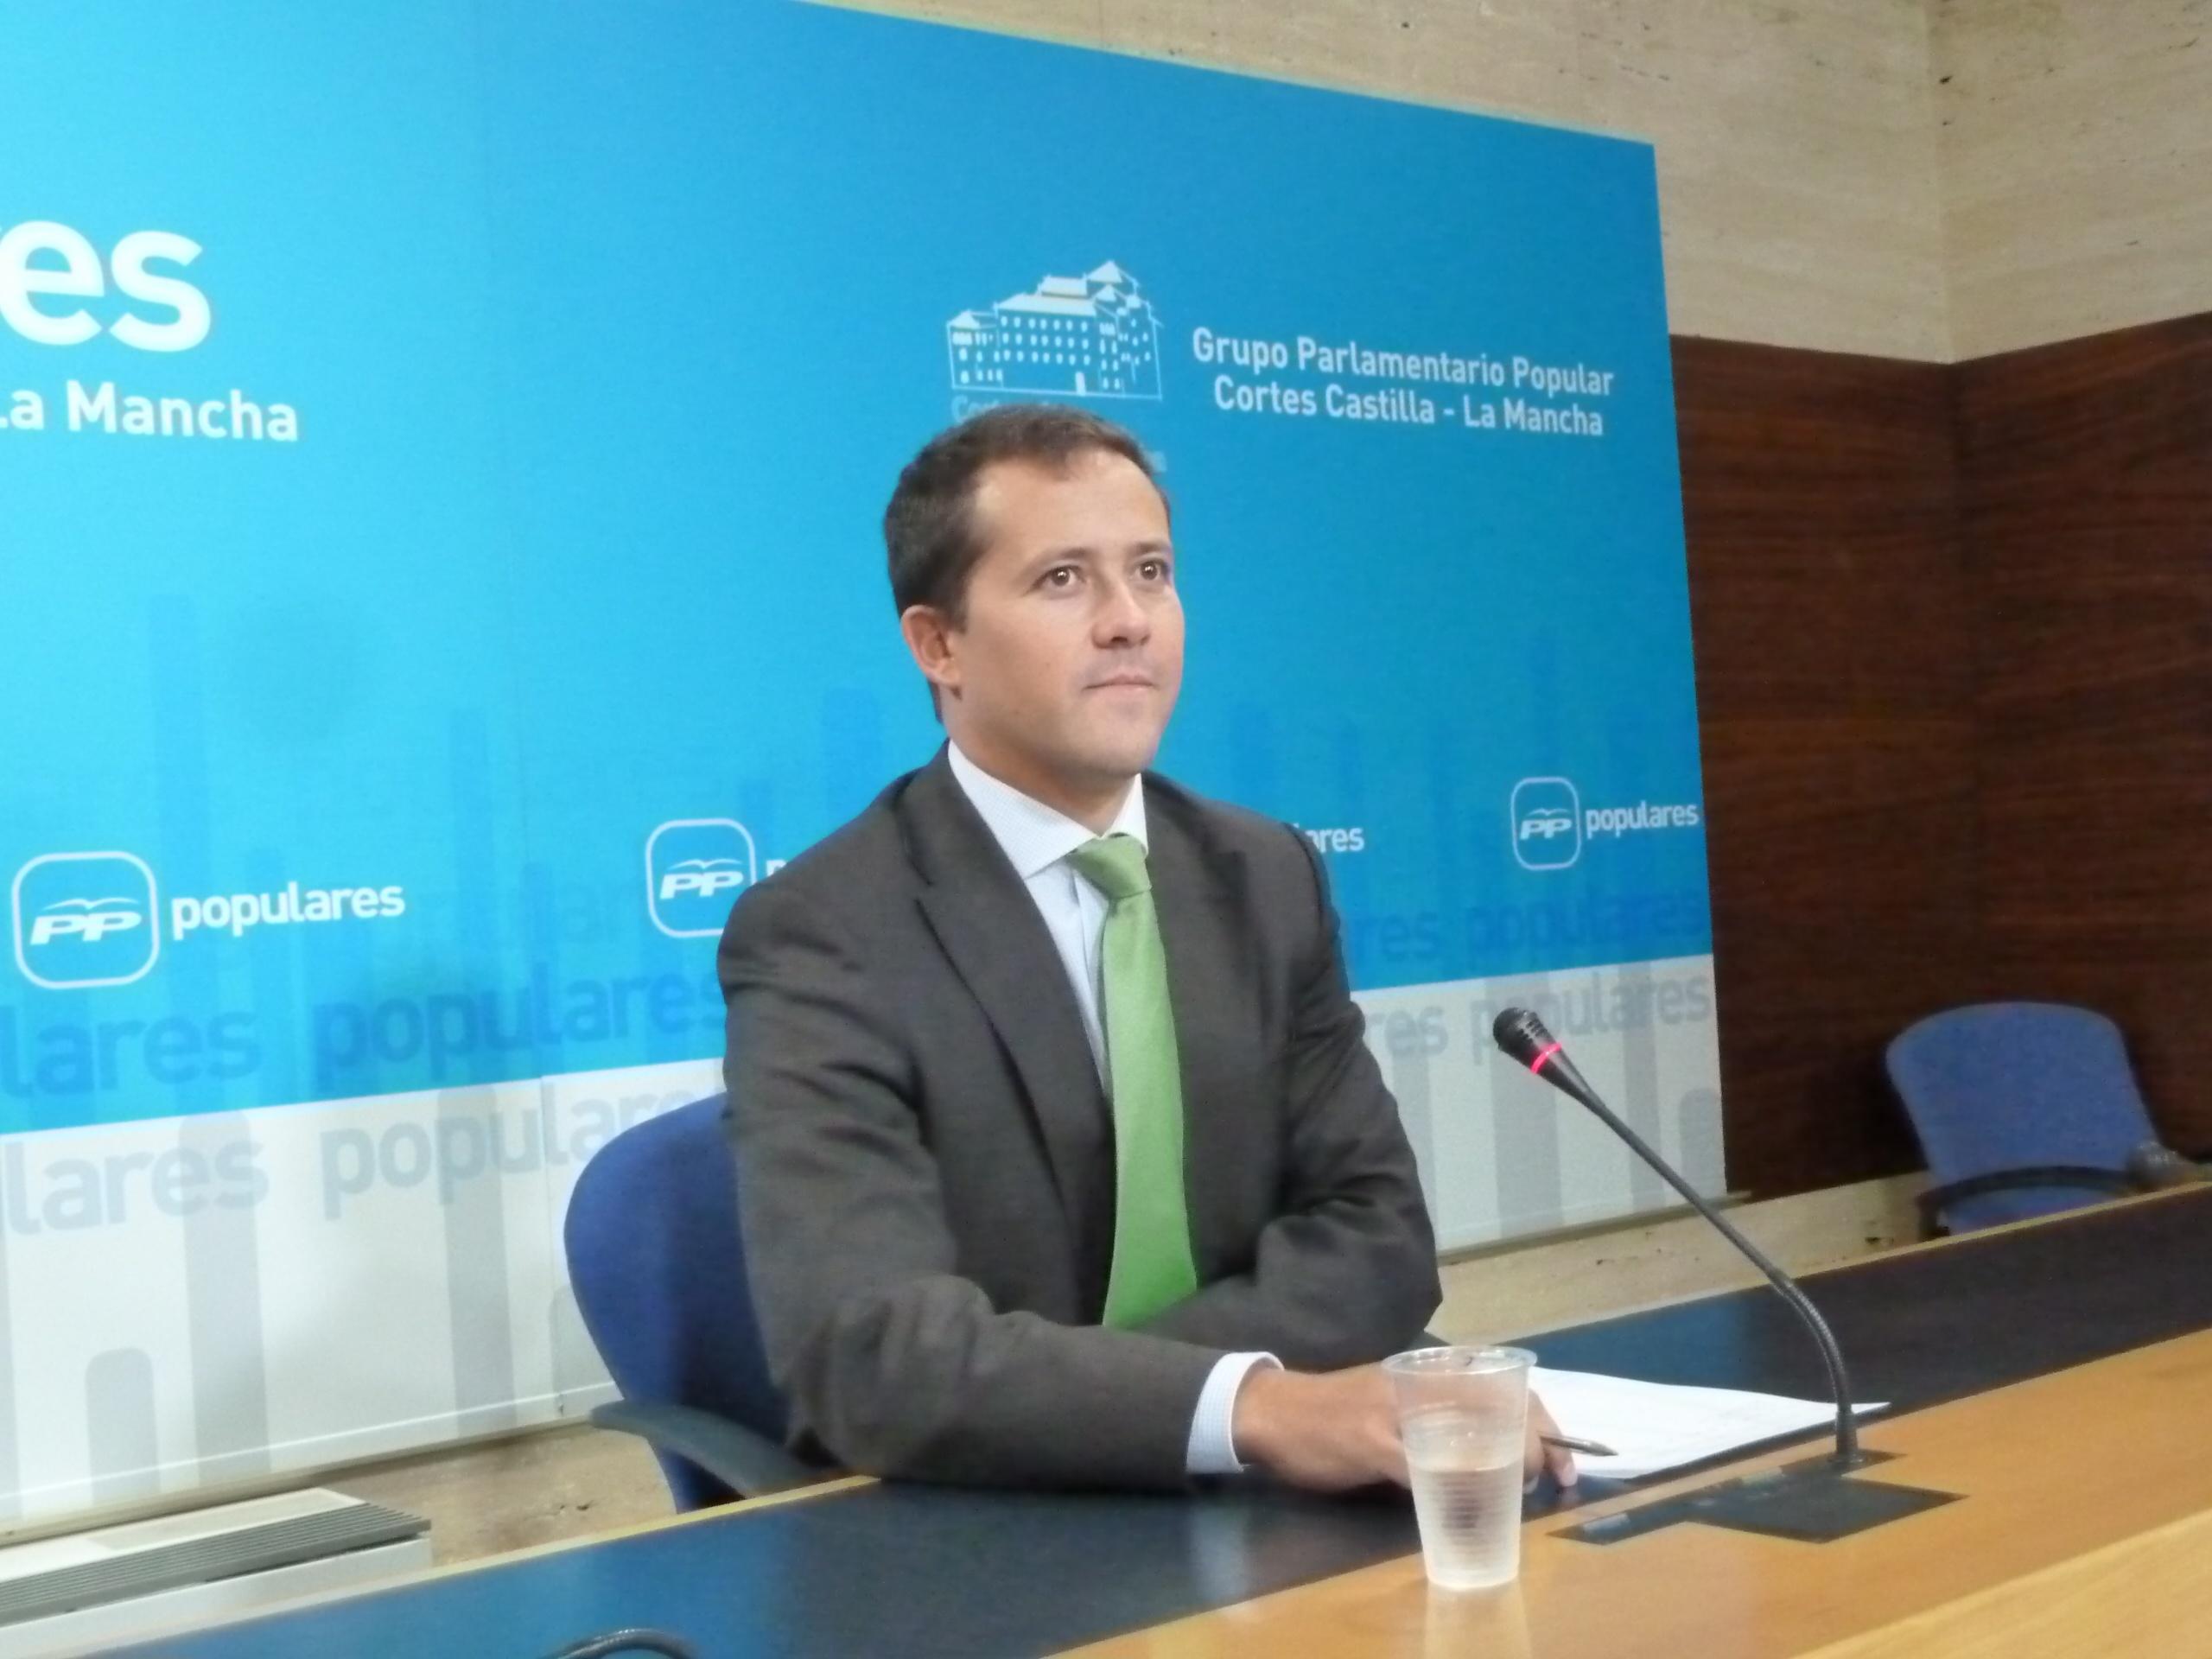 El PP pide a PSOE que actúe «con más prudencia y no alarme» porque la dependencia está «infinitamente mejor» que en 2011